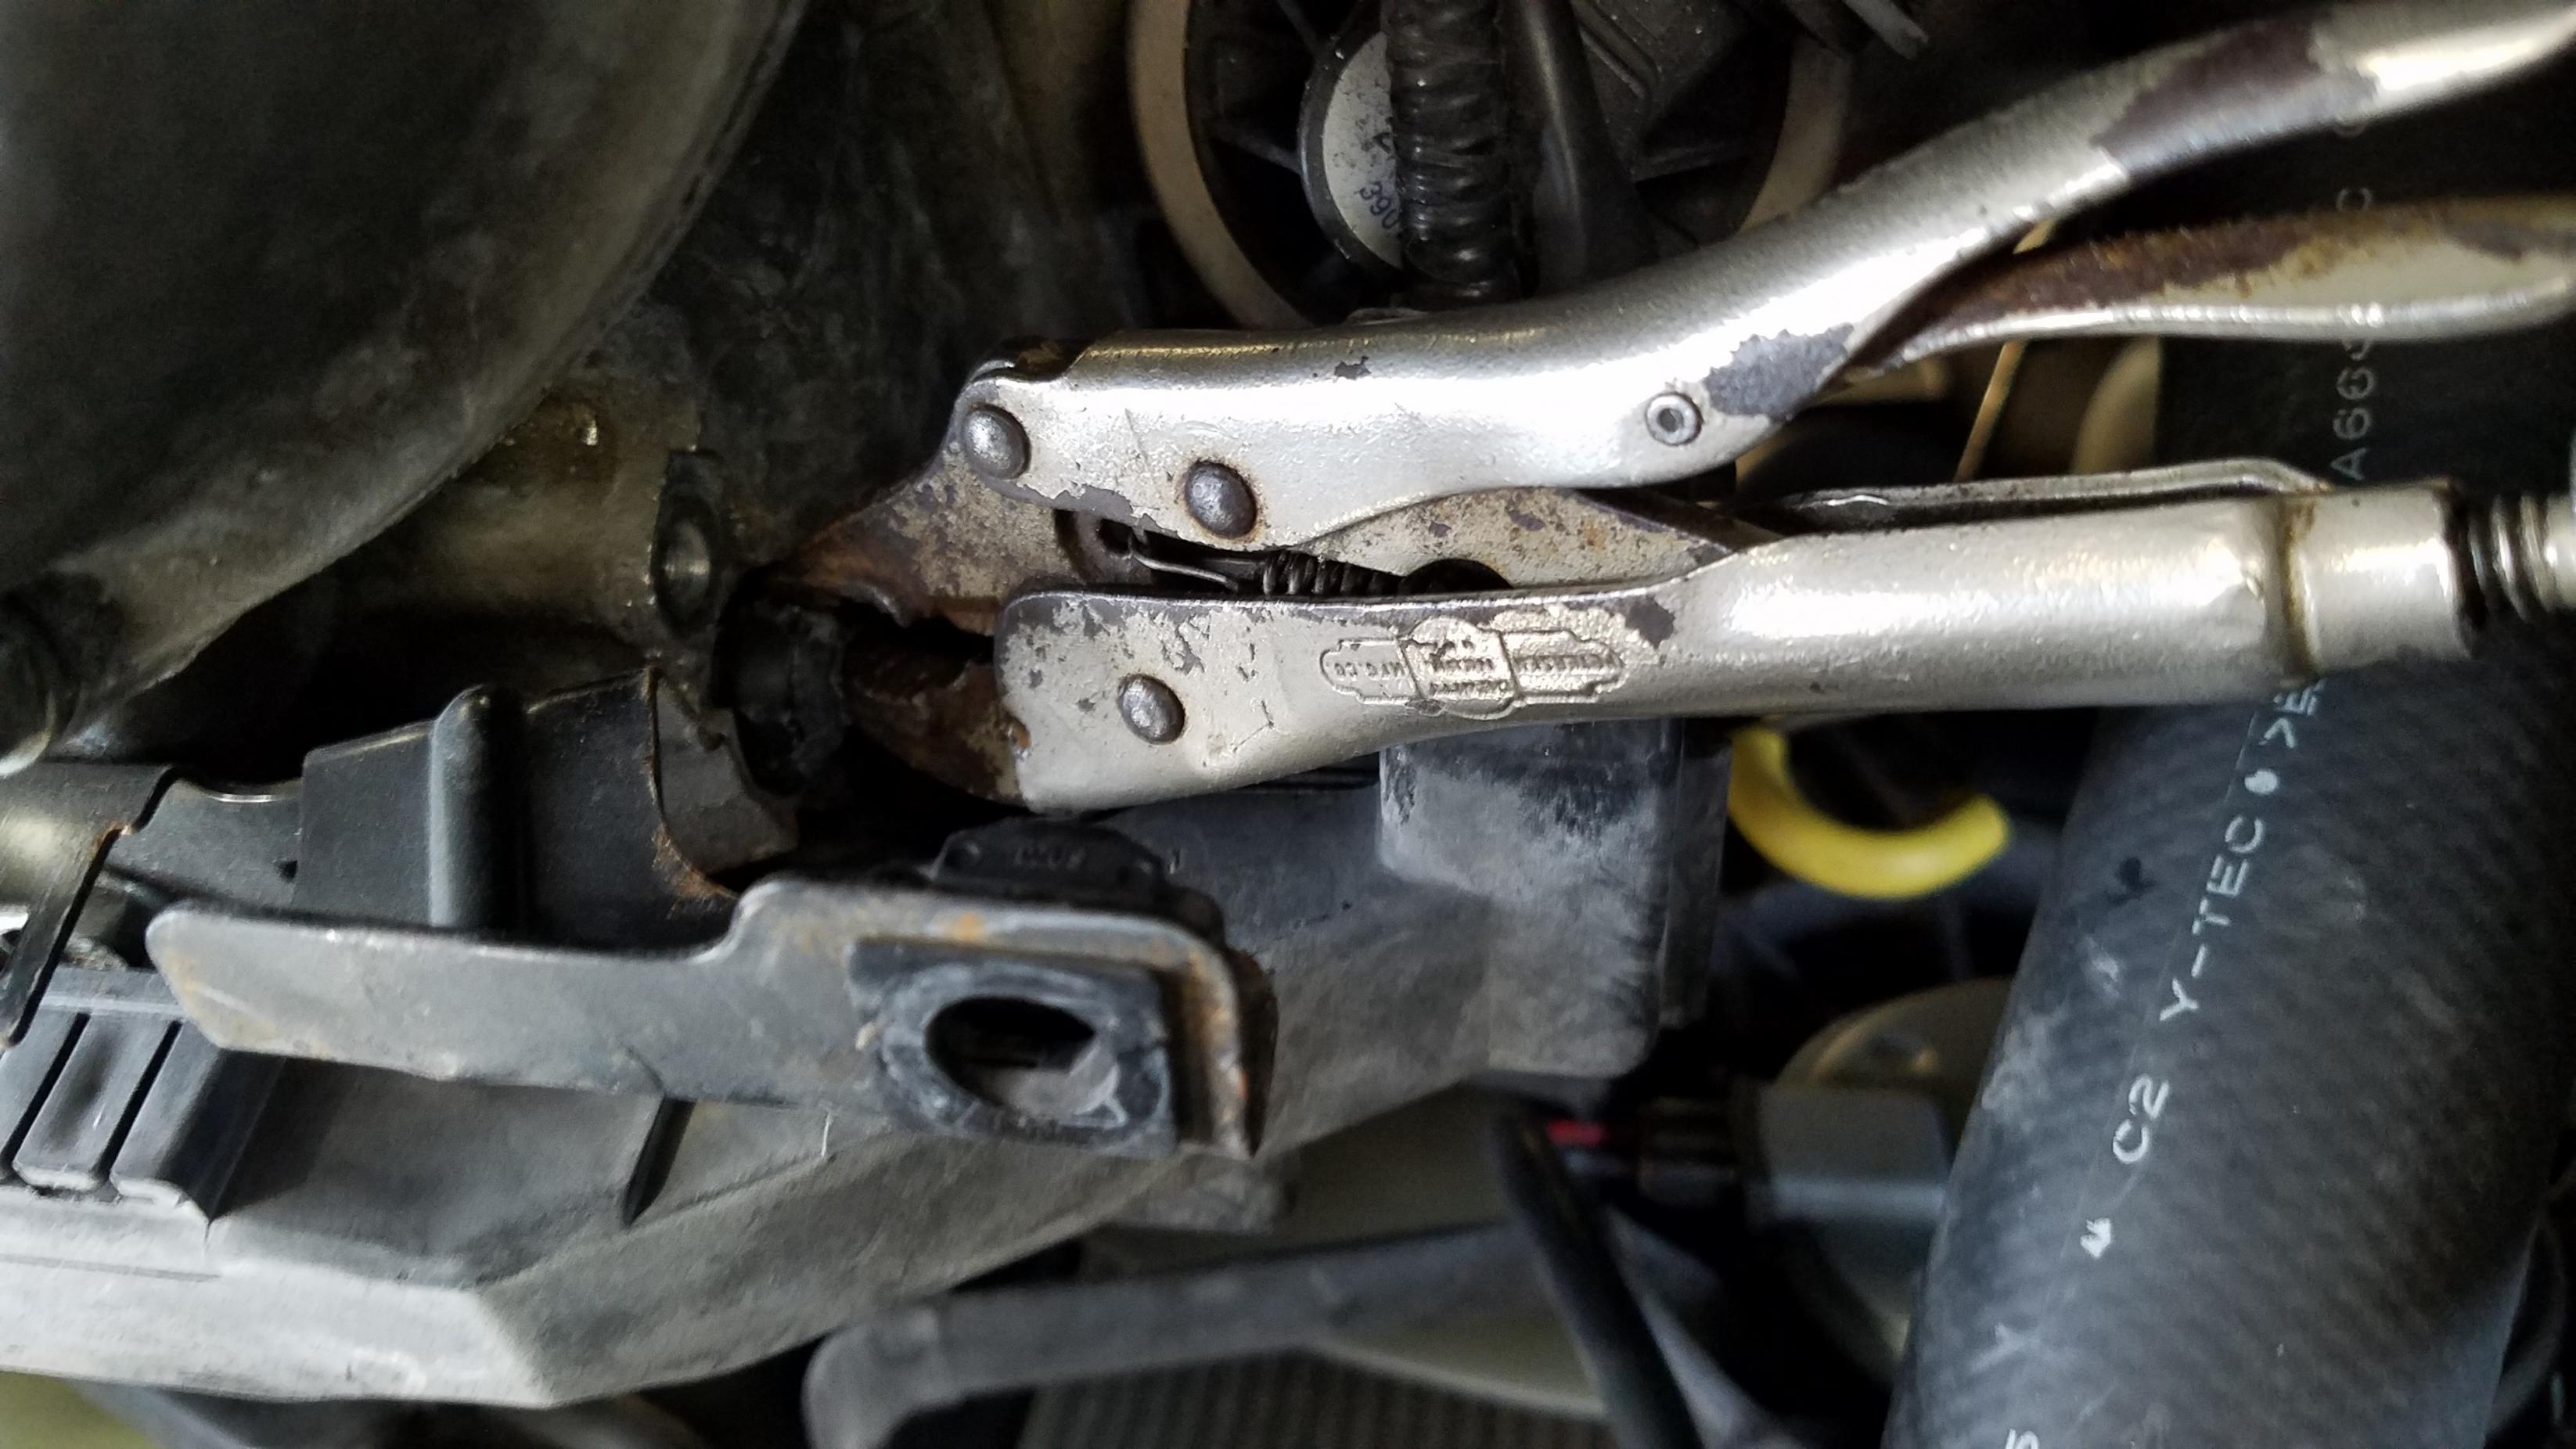 2006 acura mdx pcv valve manual rh 2006 acura mdx pcv valve manual tempower us Acura TSX JDM Acura TSX 2010 Owner's Manual